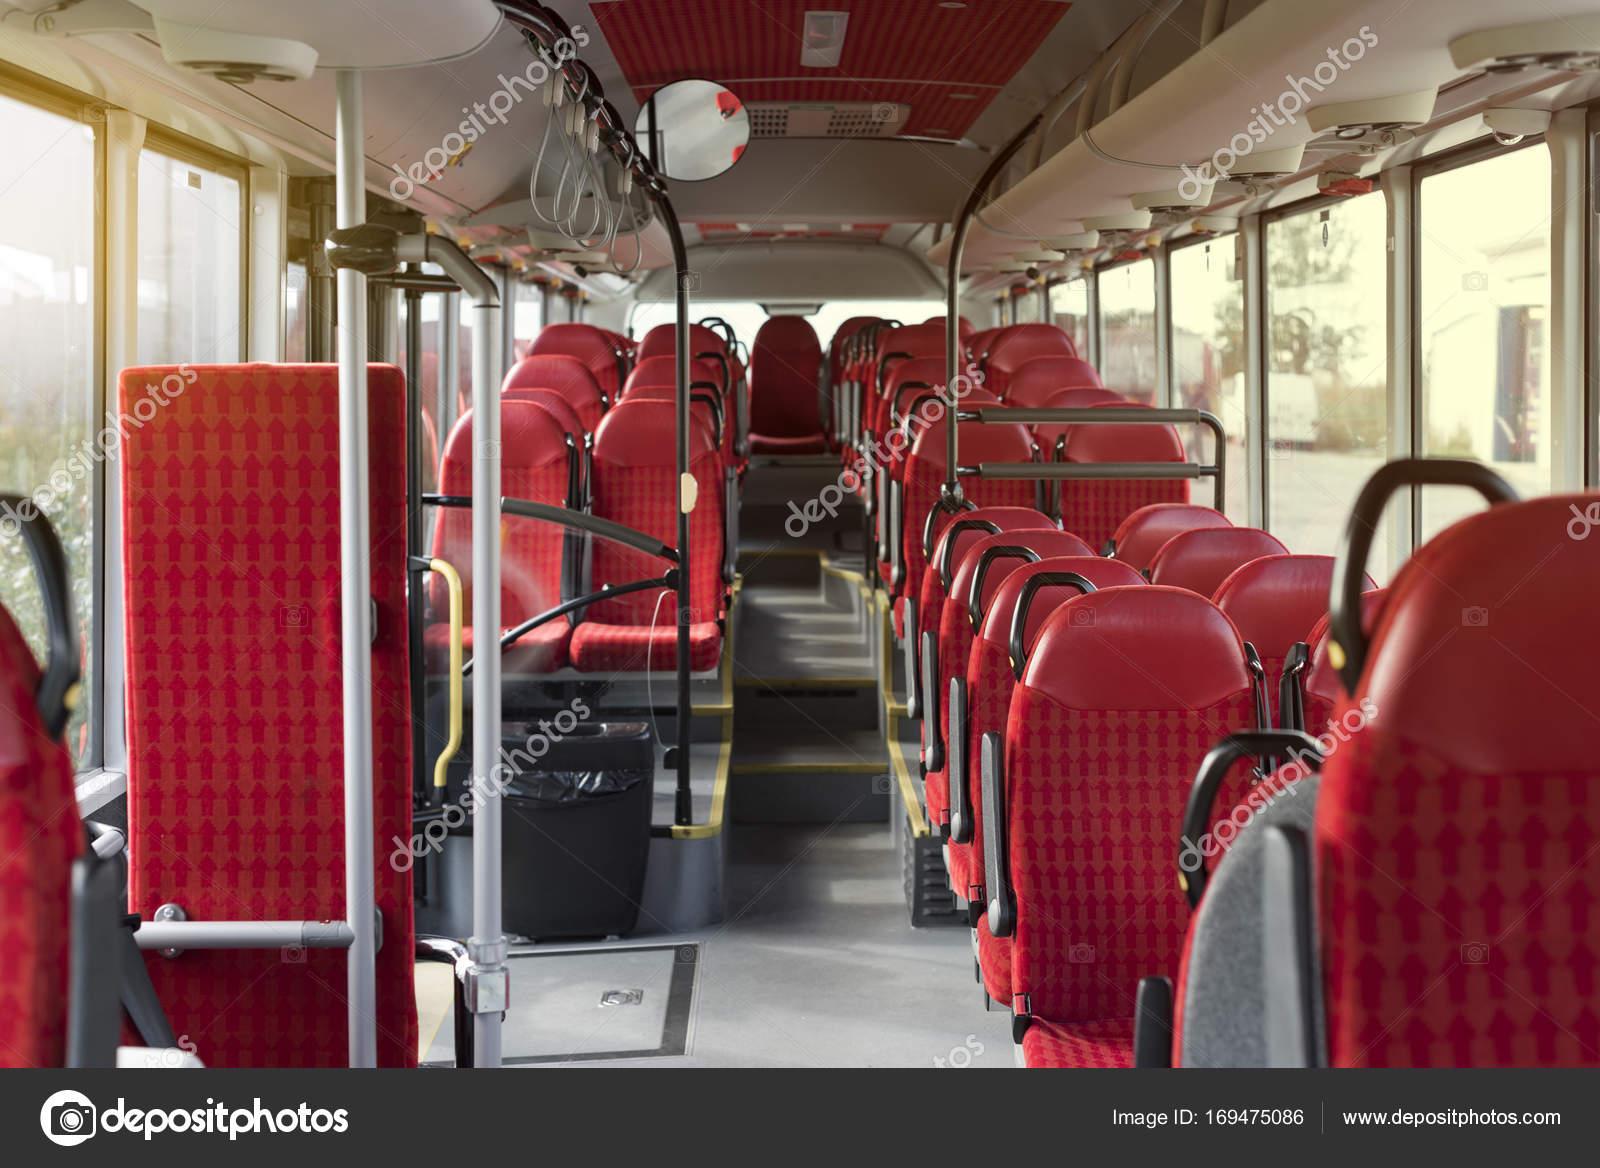 Rood interieur van een bus — Stockfoto © tanel #169475086